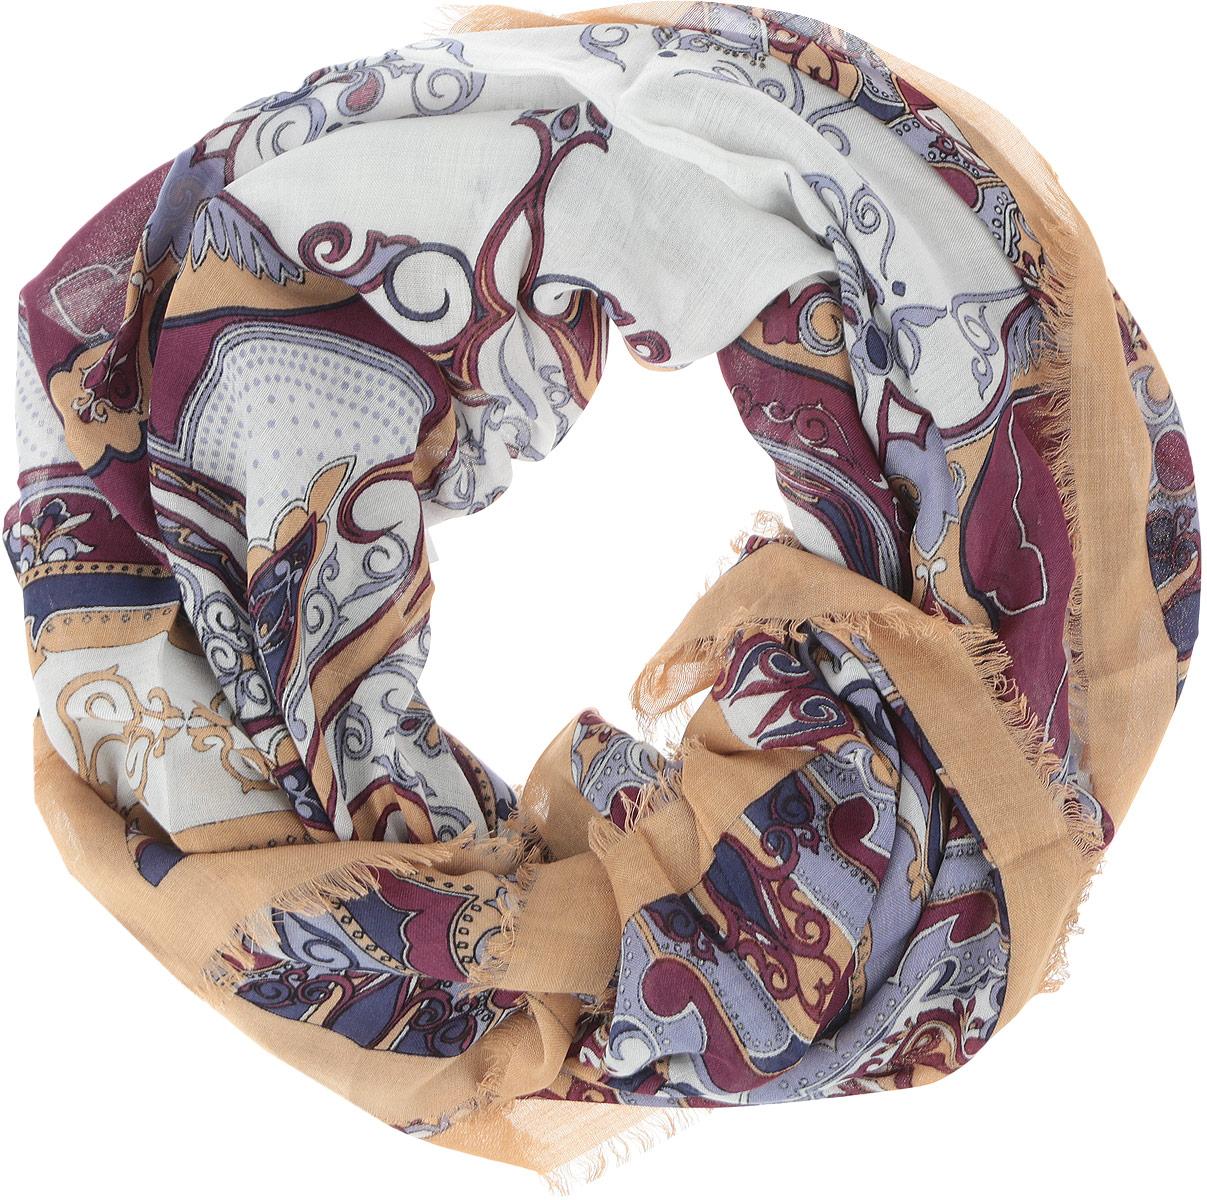 Платок женский. DS2015-004DS2015-004-11Стильный женский платок Fabretti станет великолепным завершением любого наряда. Платок изготовлен из высококачественного модала с добавлением вискозы, оформлен сложным растительным орнаментом и украшен тонкой бахромой по краям. Классическая квадратная форма позволяет носить платок на шее, украшать им прическу или декорировать сумочку. Мягкий и шелковистый платок поможет вам создать изысканный женственный образ, а также согреет в непогоду. Такой платок превосходно дополнит любой наряд и подчеркнет ваш неповторимый вкус и элегантность.